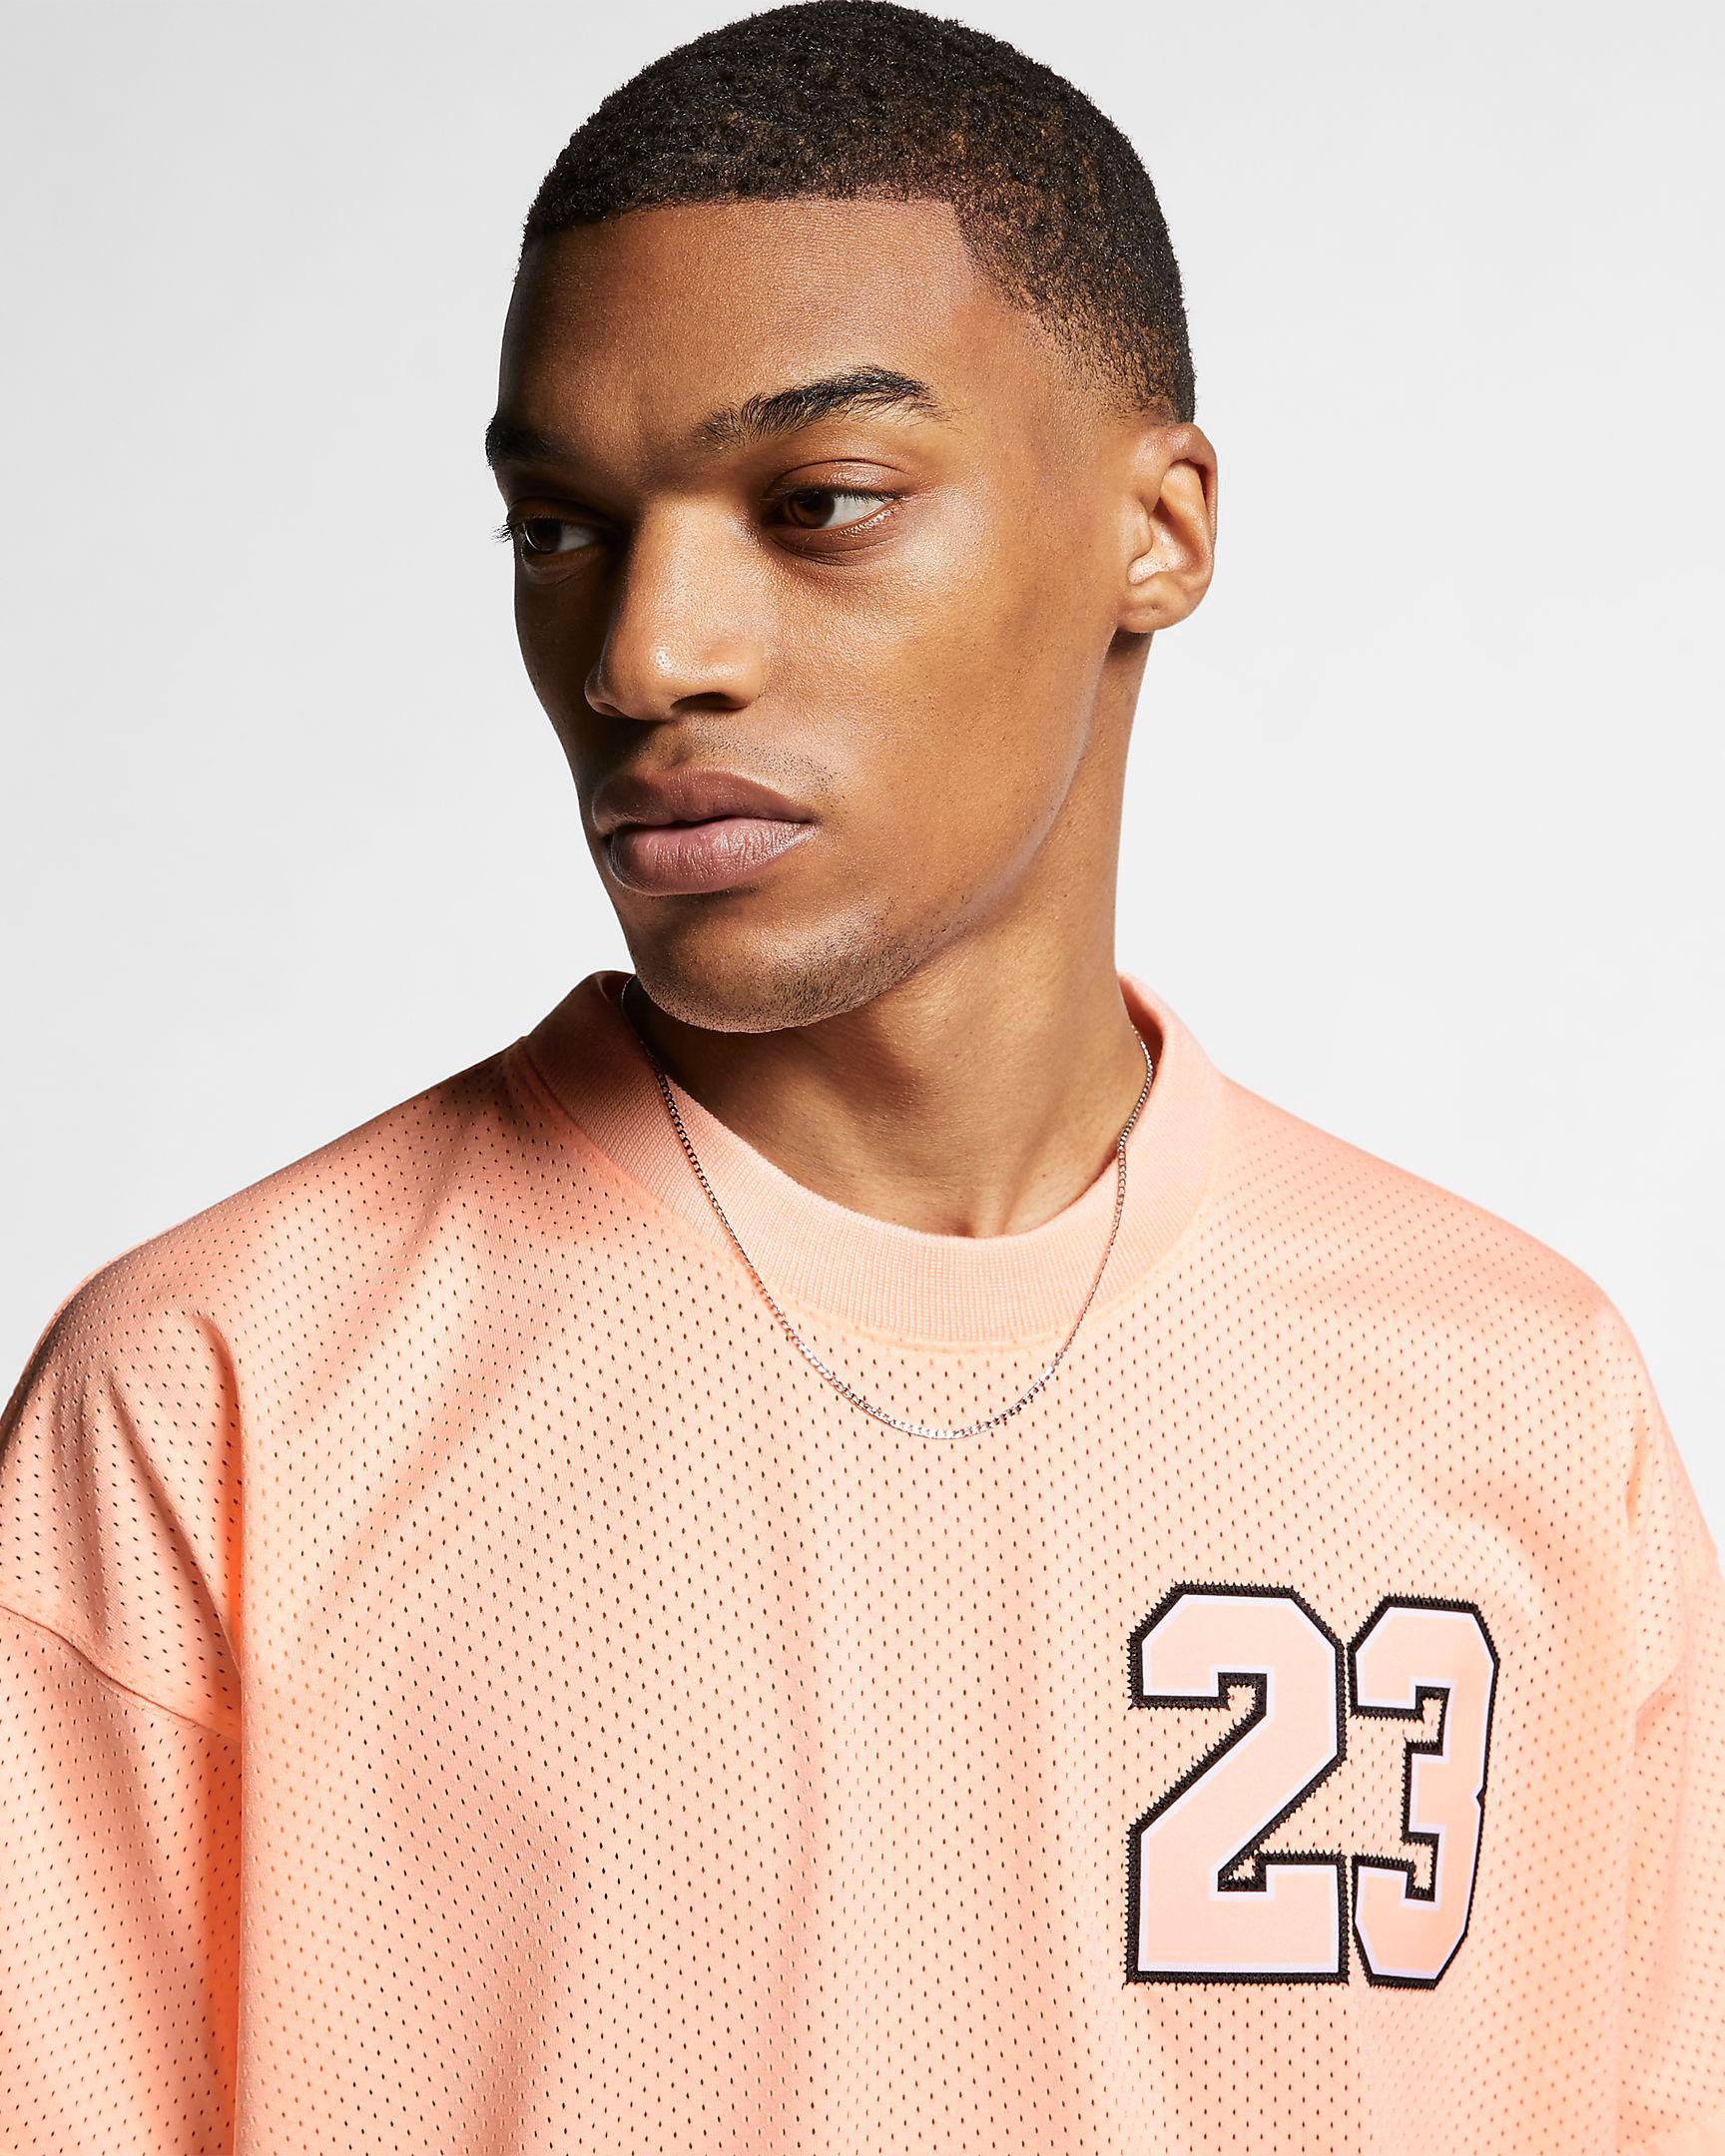 jordan-1-crimson-tint-jersey-shirt-3